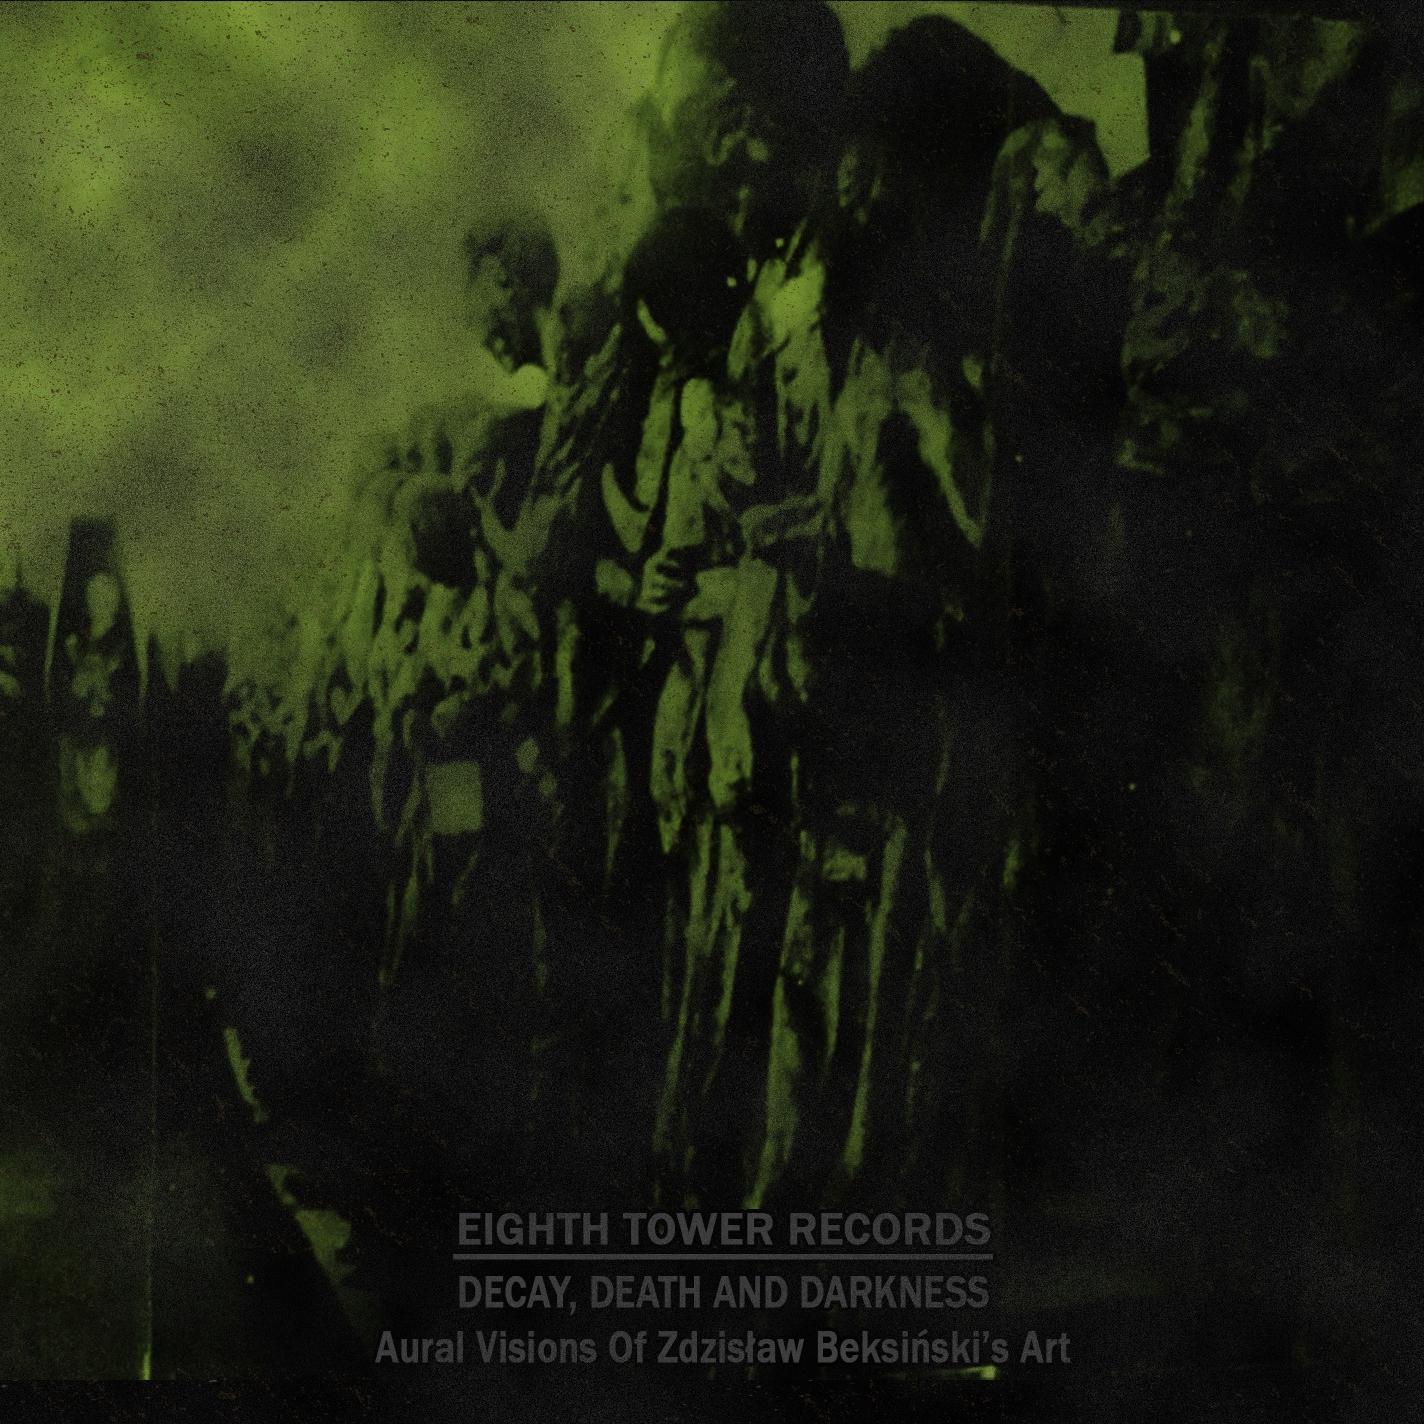 Beksinski front cover